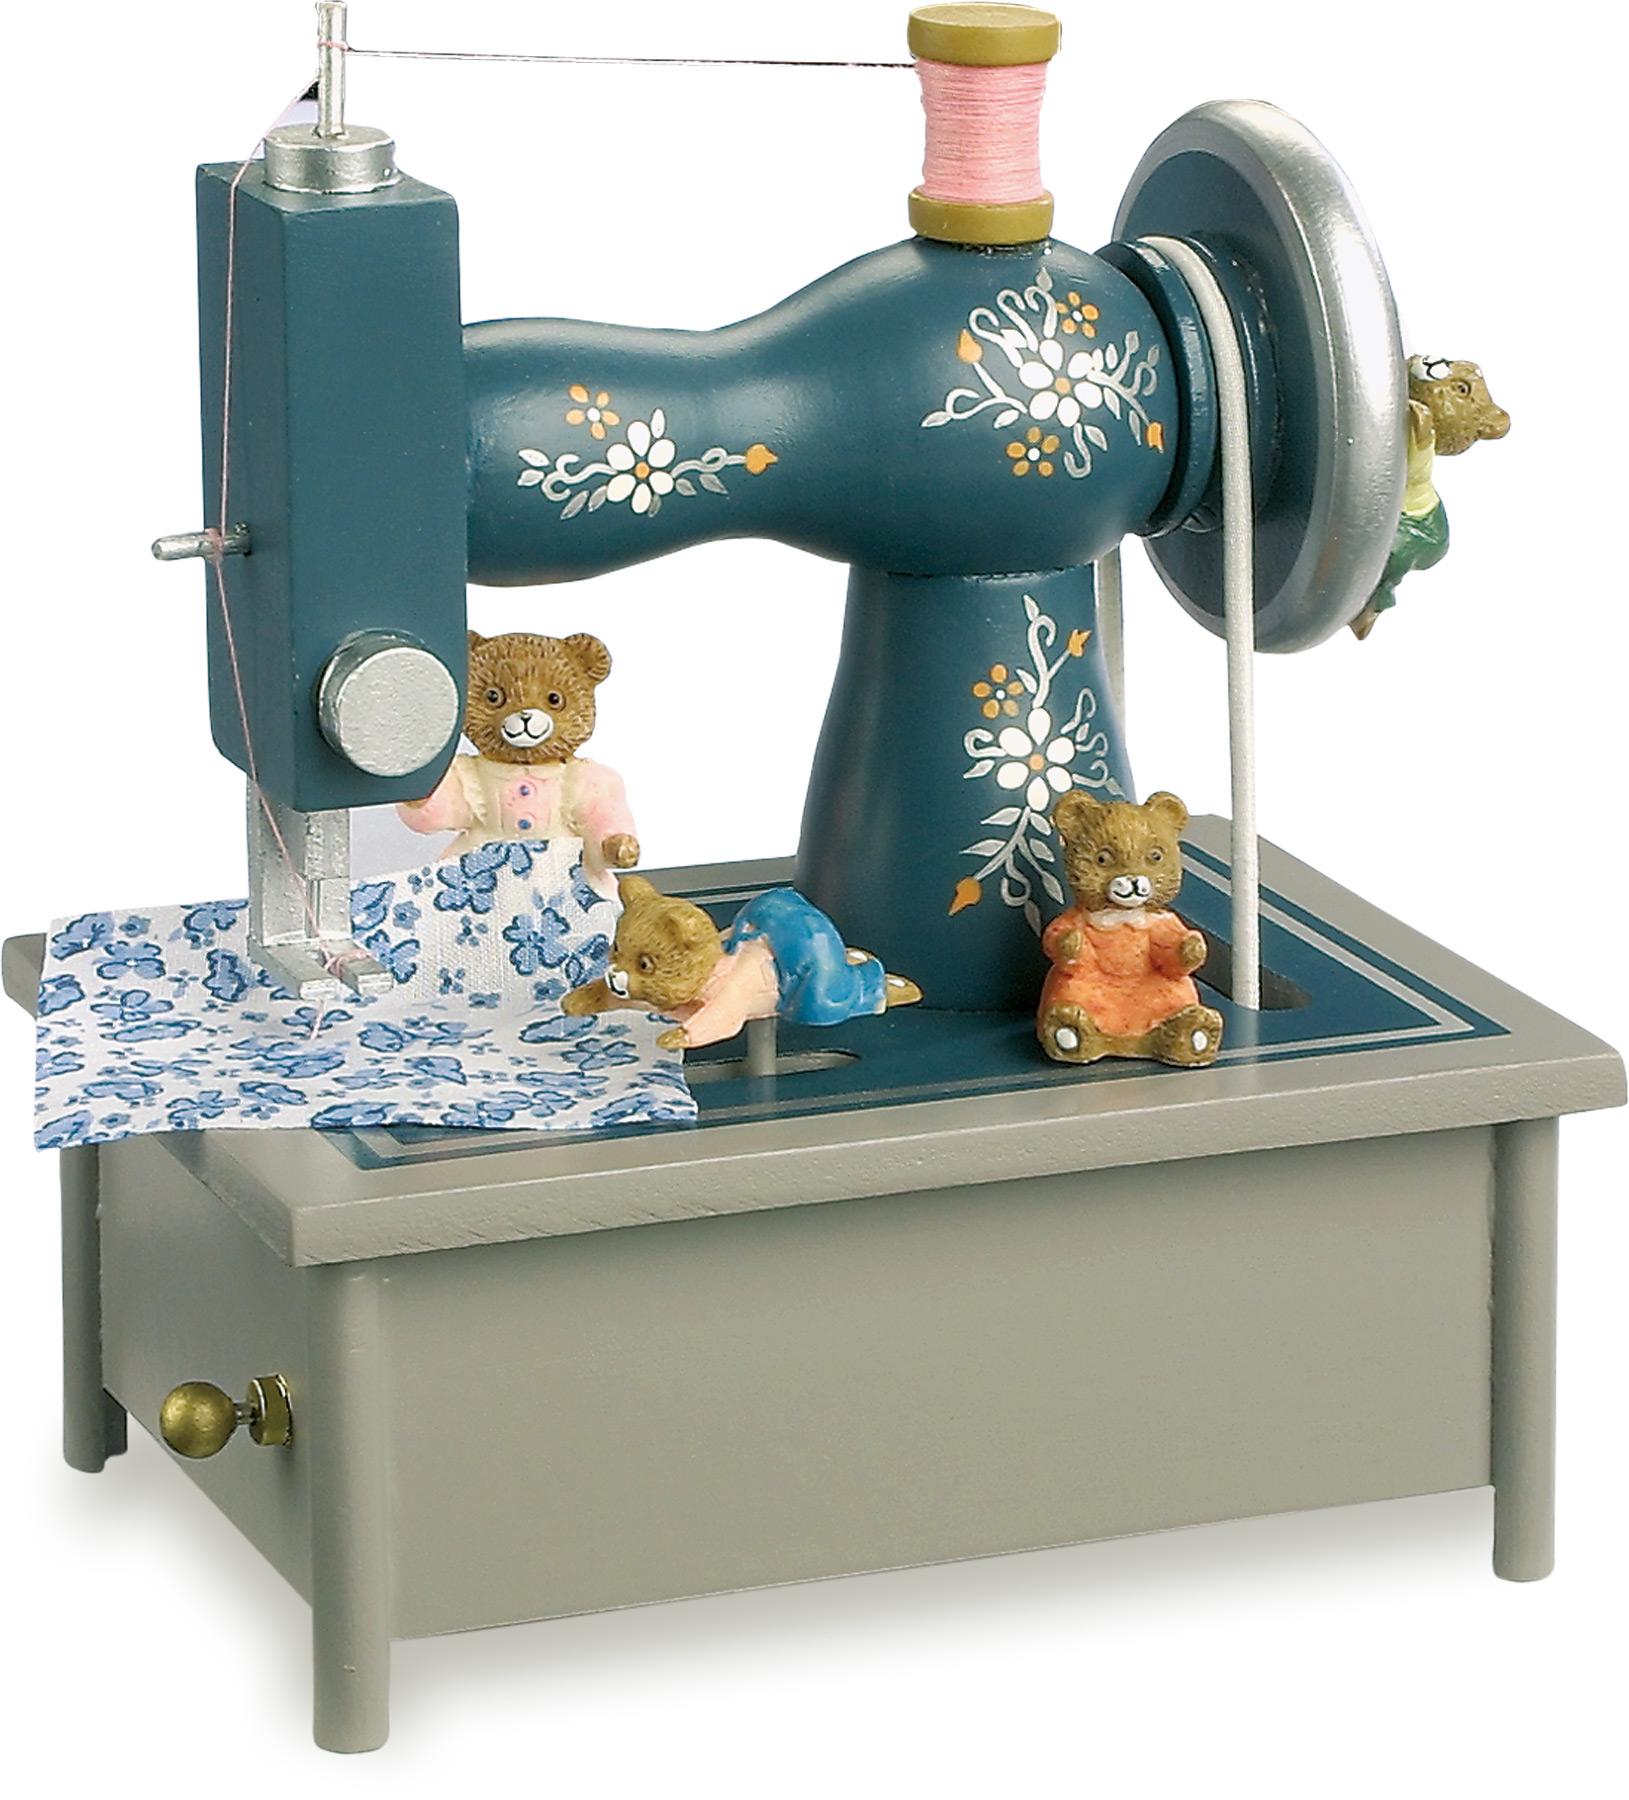 Small Foot Dřevěná hrací skříňka šicí stroj